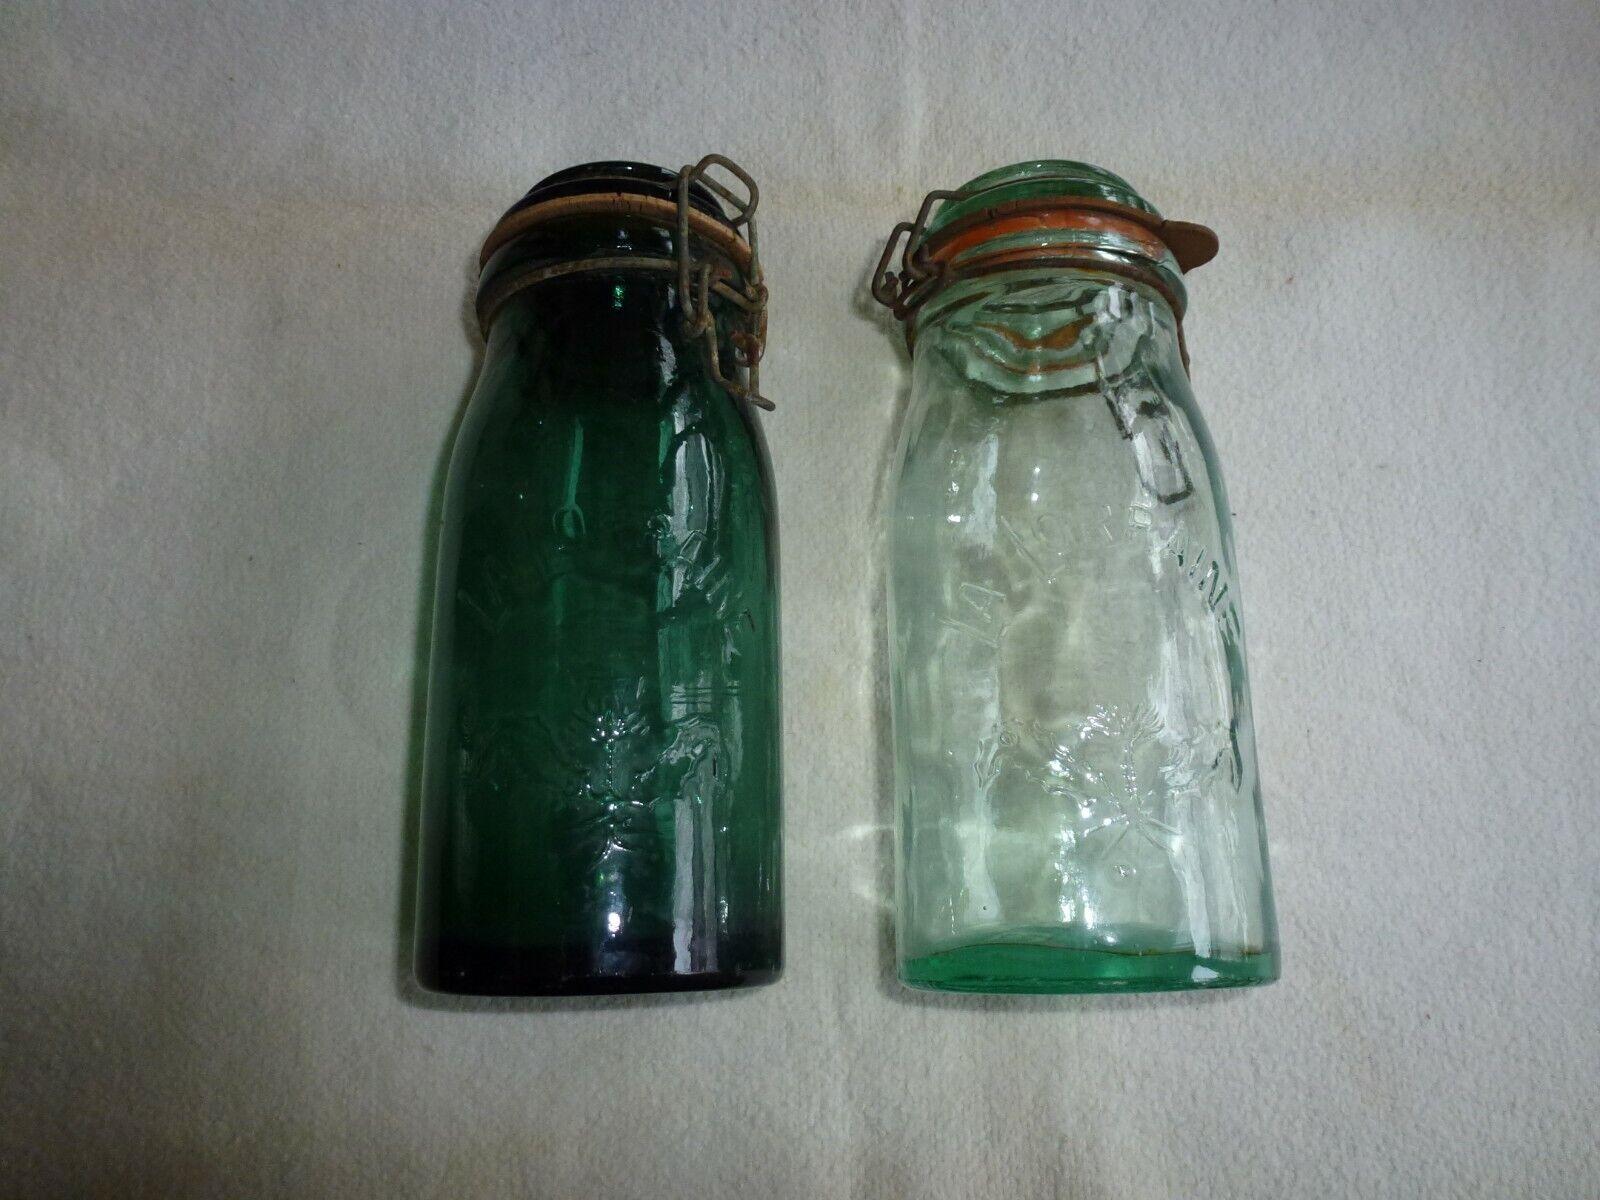 Deux anciens bocaux la lorraine decor chardon 1 litre